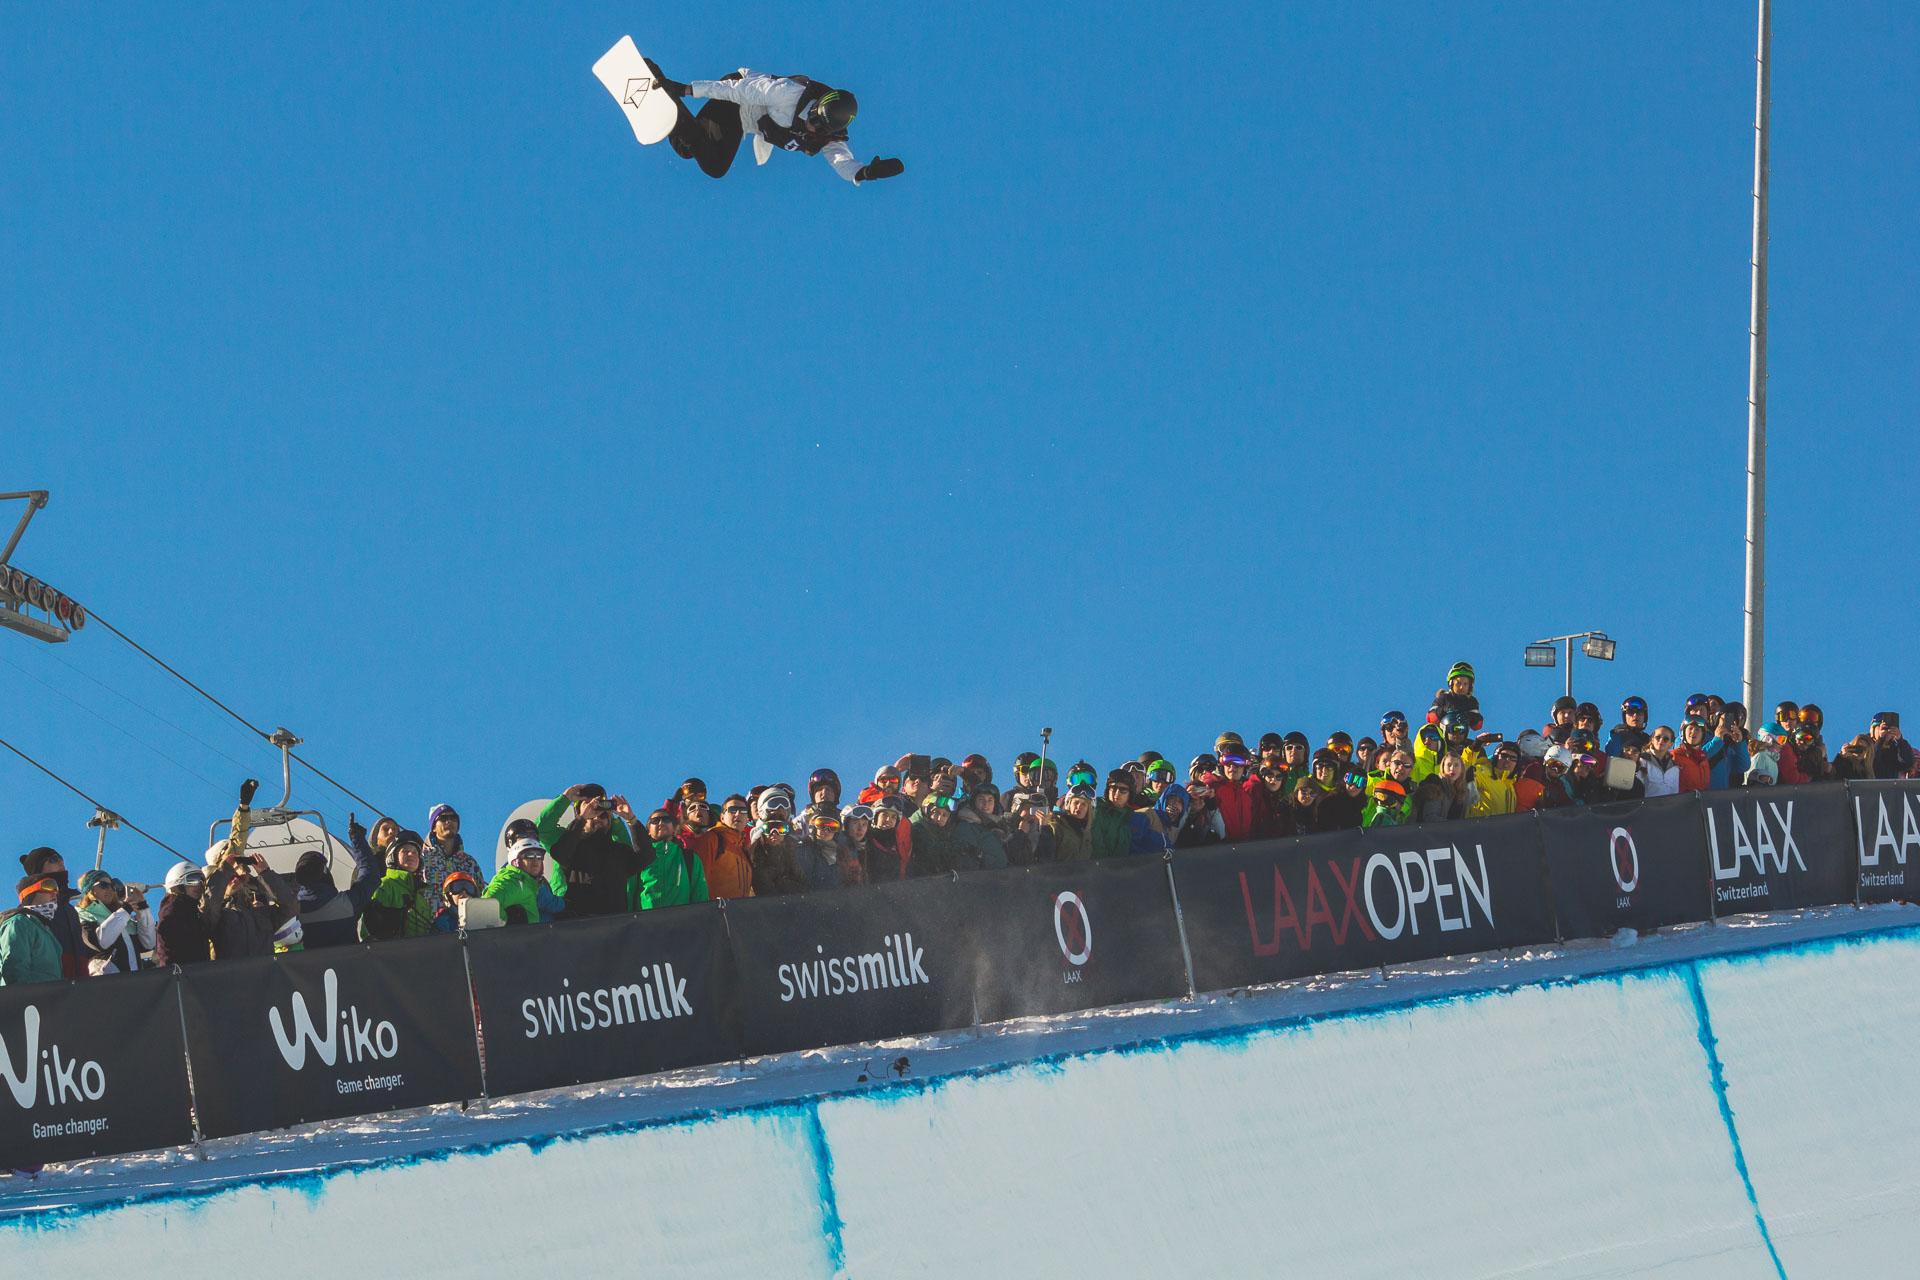 Boostete sich mehr als nur einmal richtig hoch raus und wurde am Ende mit dem dritten Platz belohnt: Olympiasieger Iouri Podladtchikov!